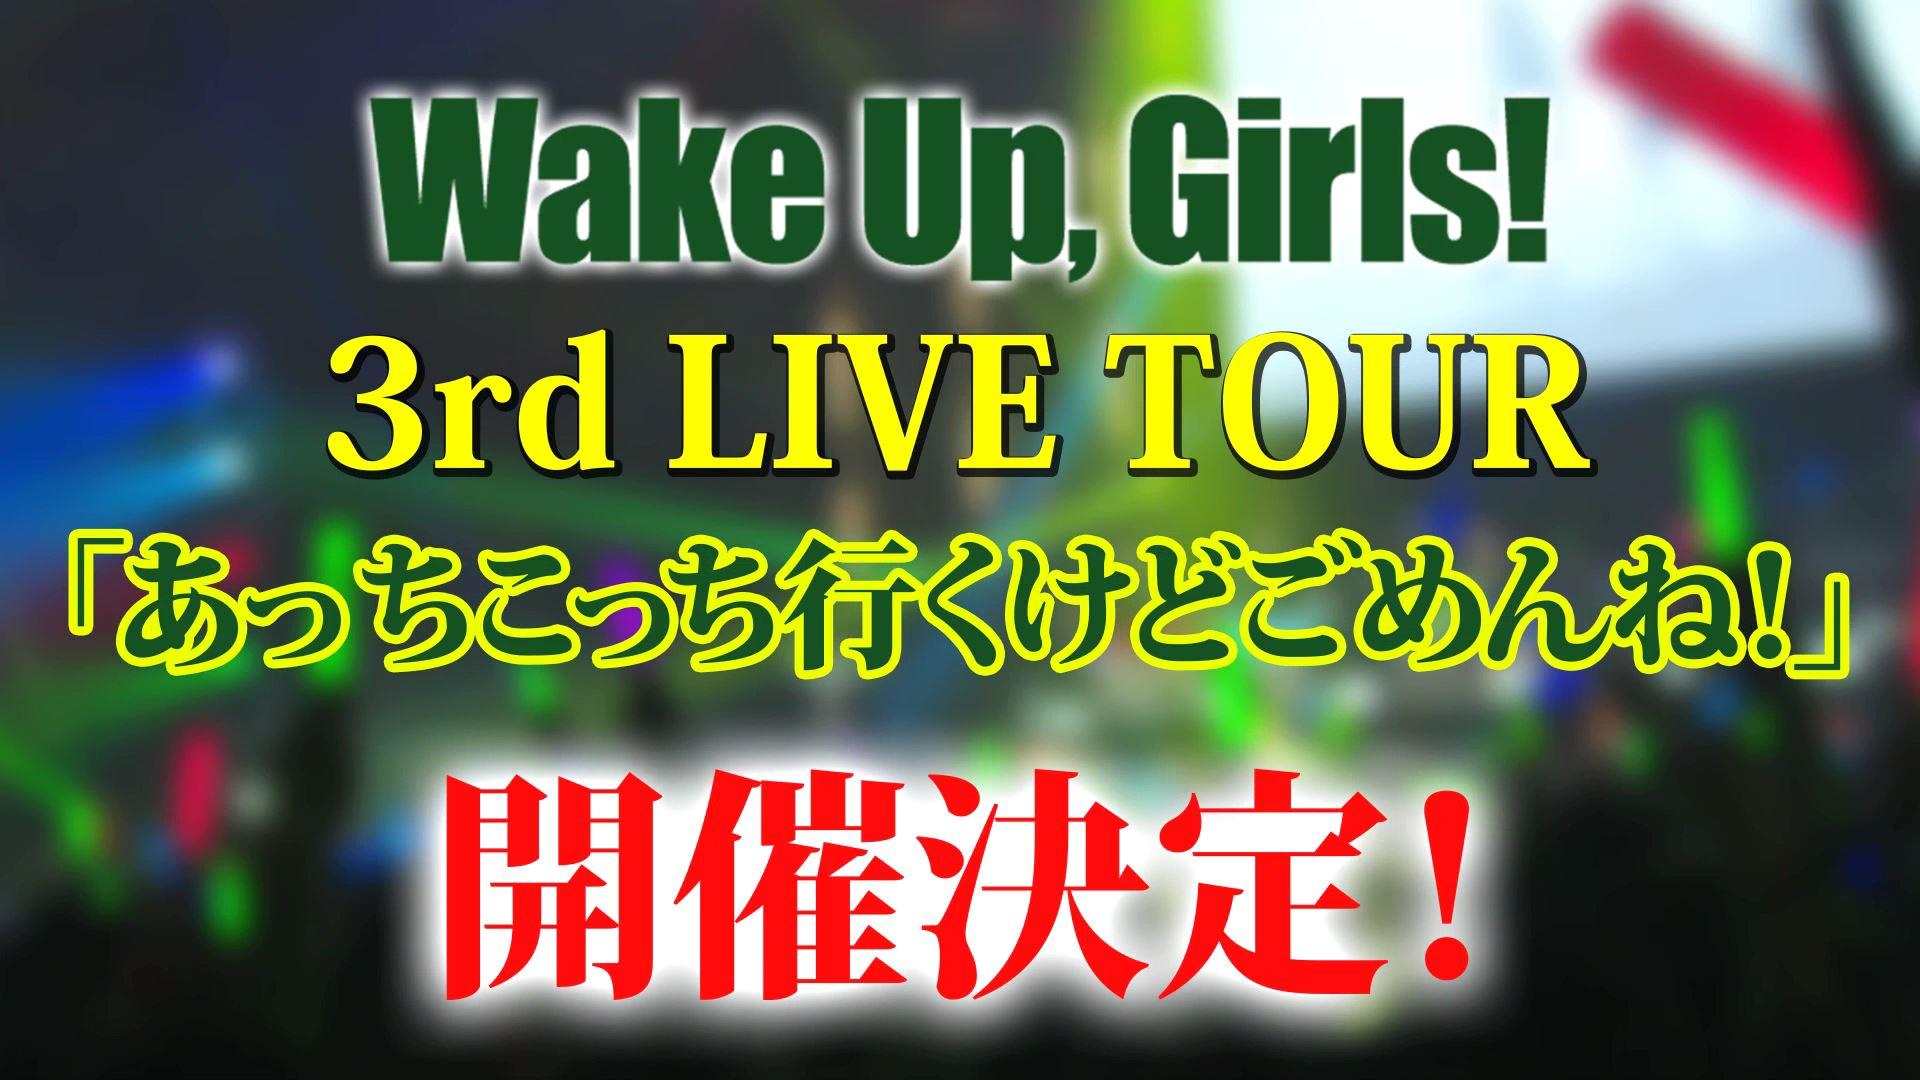 'Wake Up, Girls!' 3rd 라이브 투어 소식, 2016년 7..